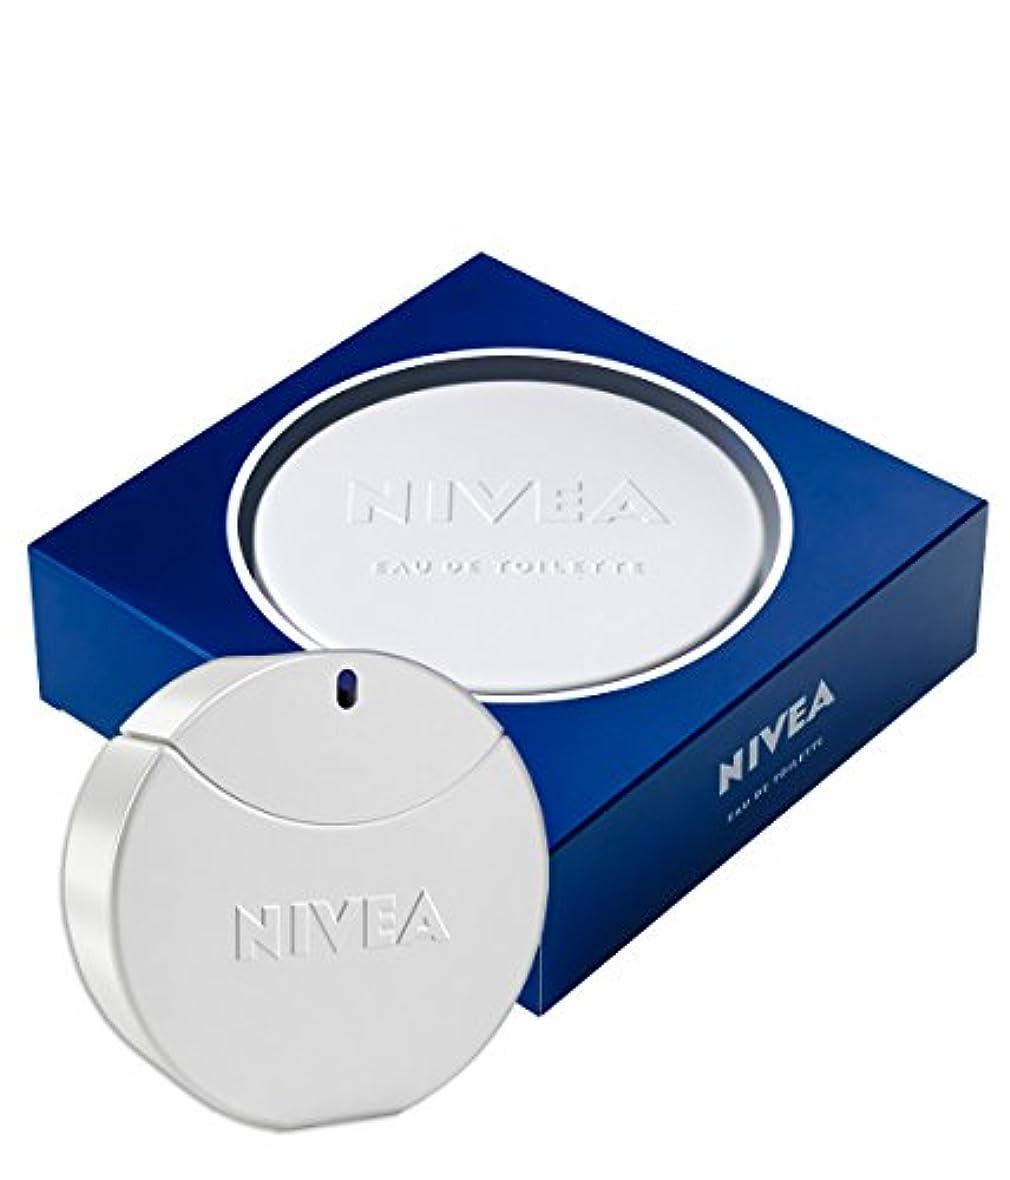 一般化する情熱価値NIVEA ニベア オードトワレ 香水 NIVEA EAU DE TOILETTE 30ml